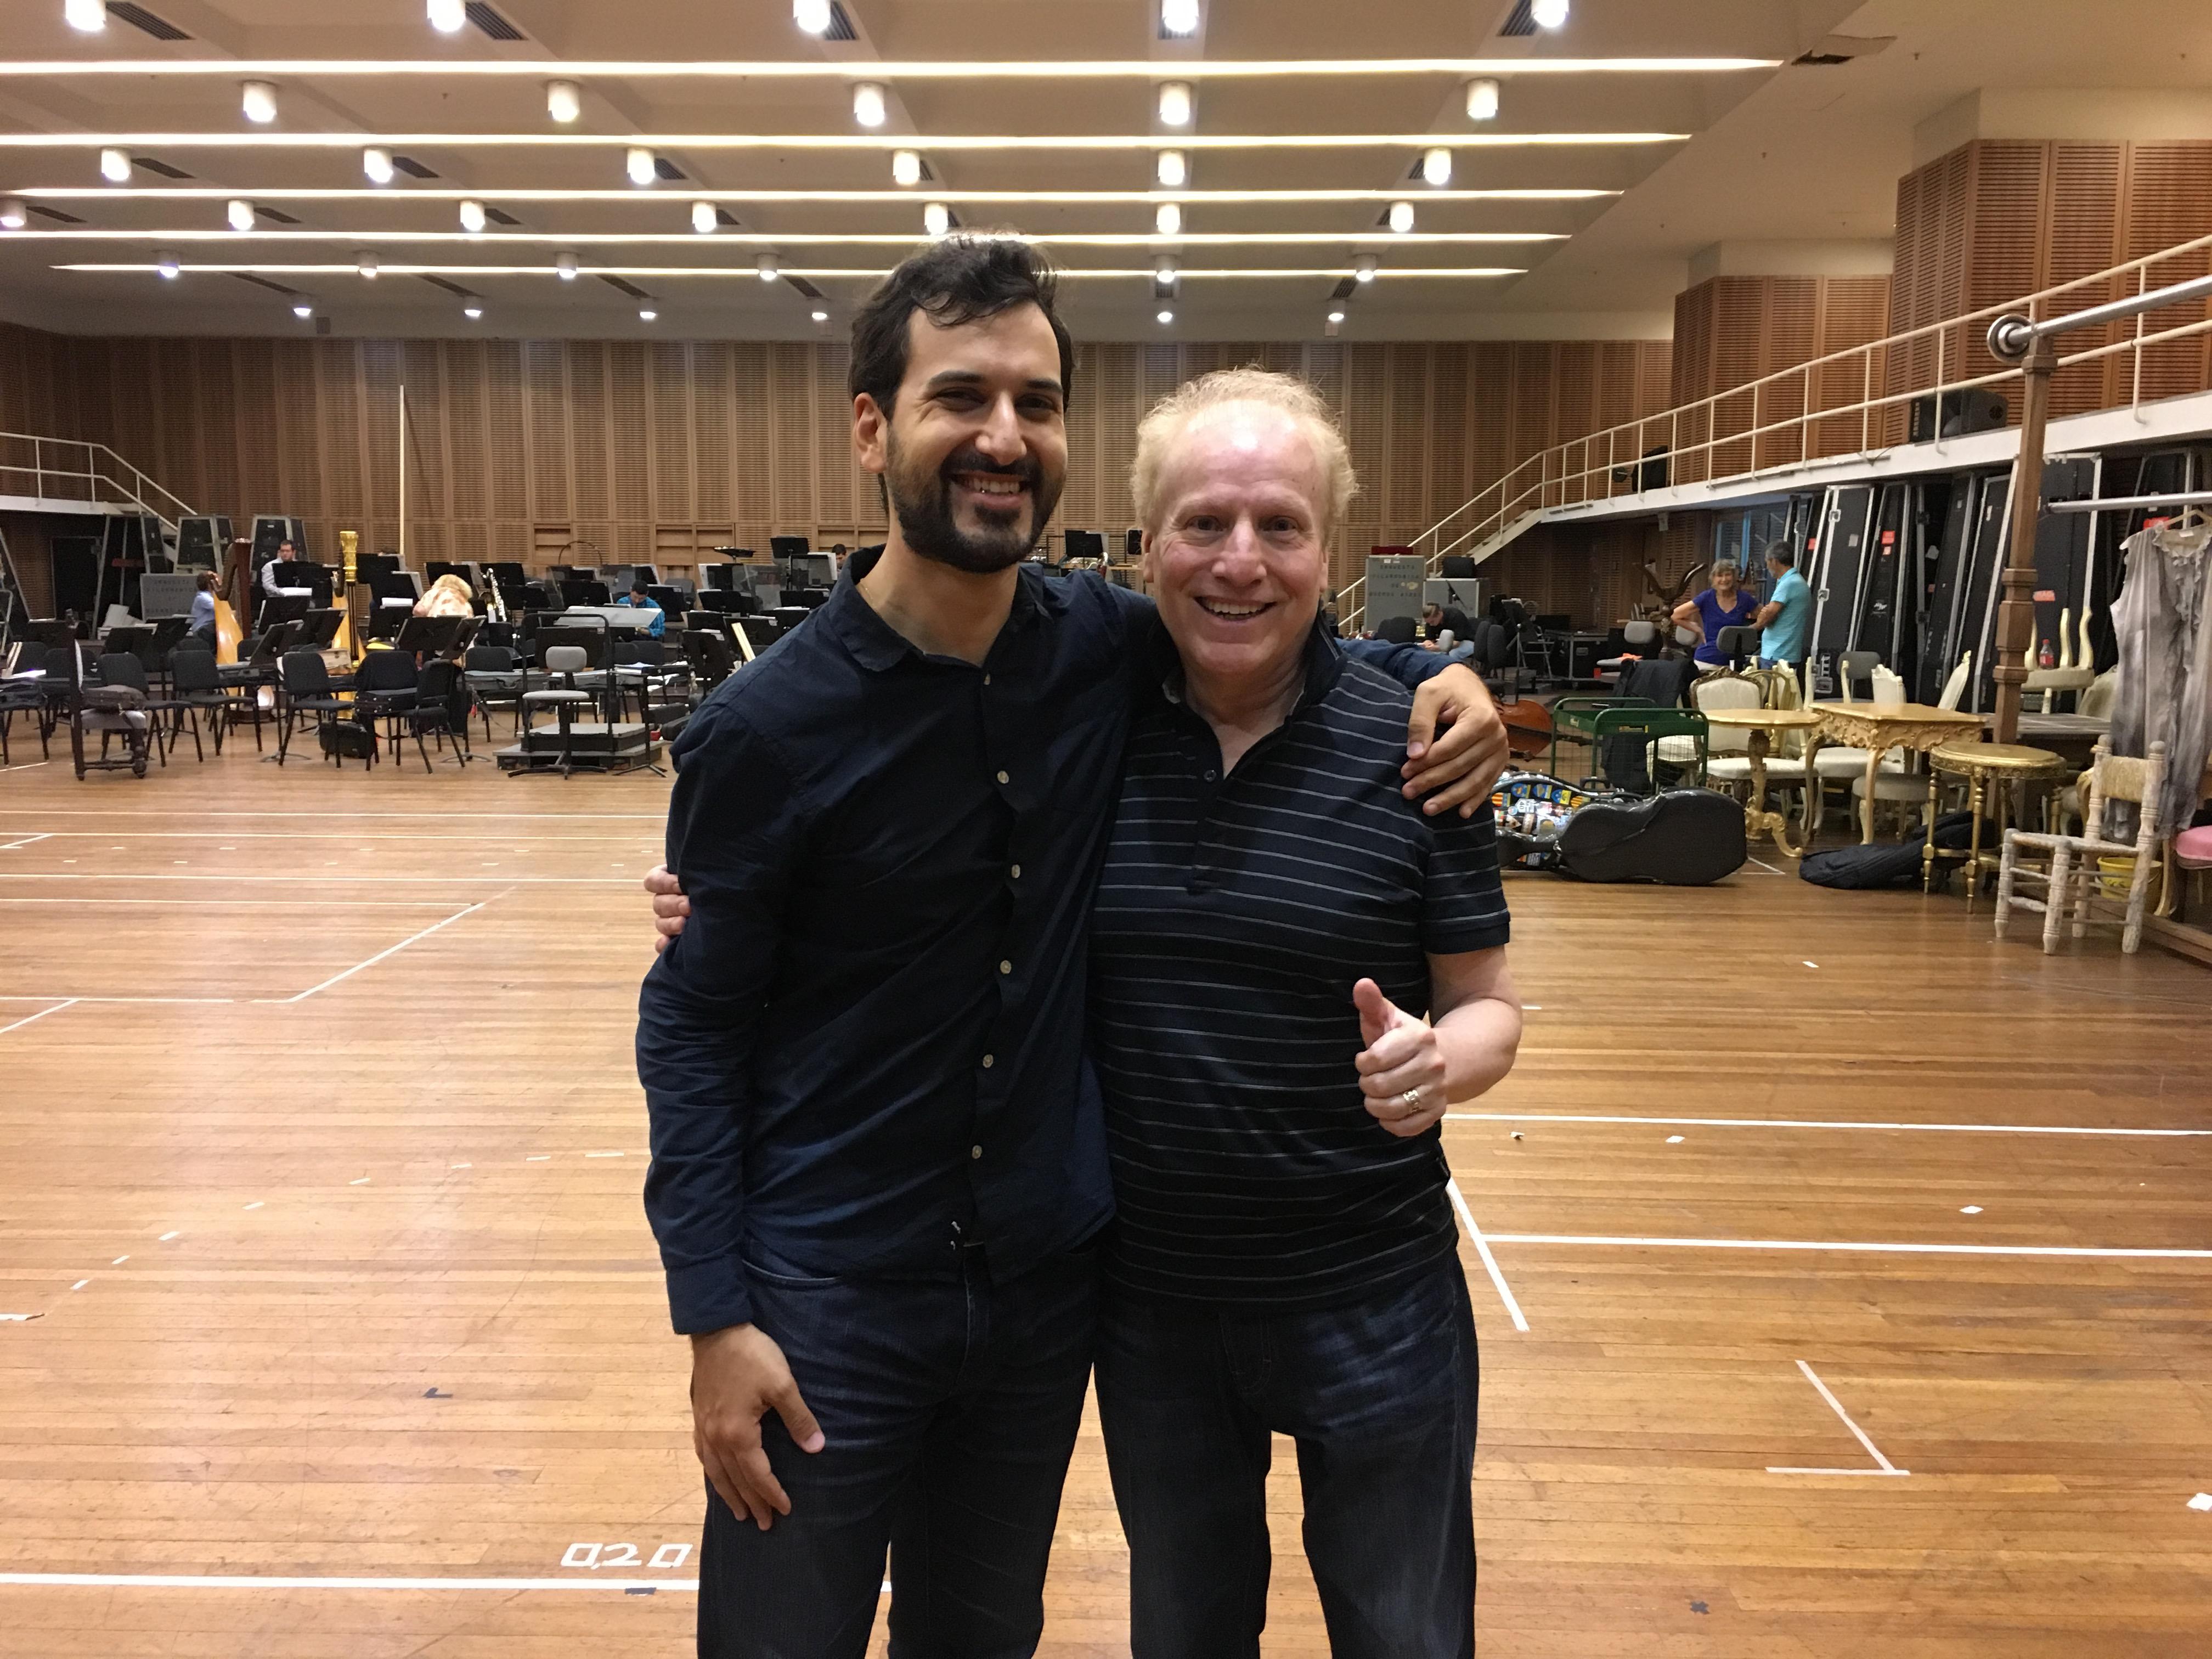 With Maestro Enrique Arturo Diemecke